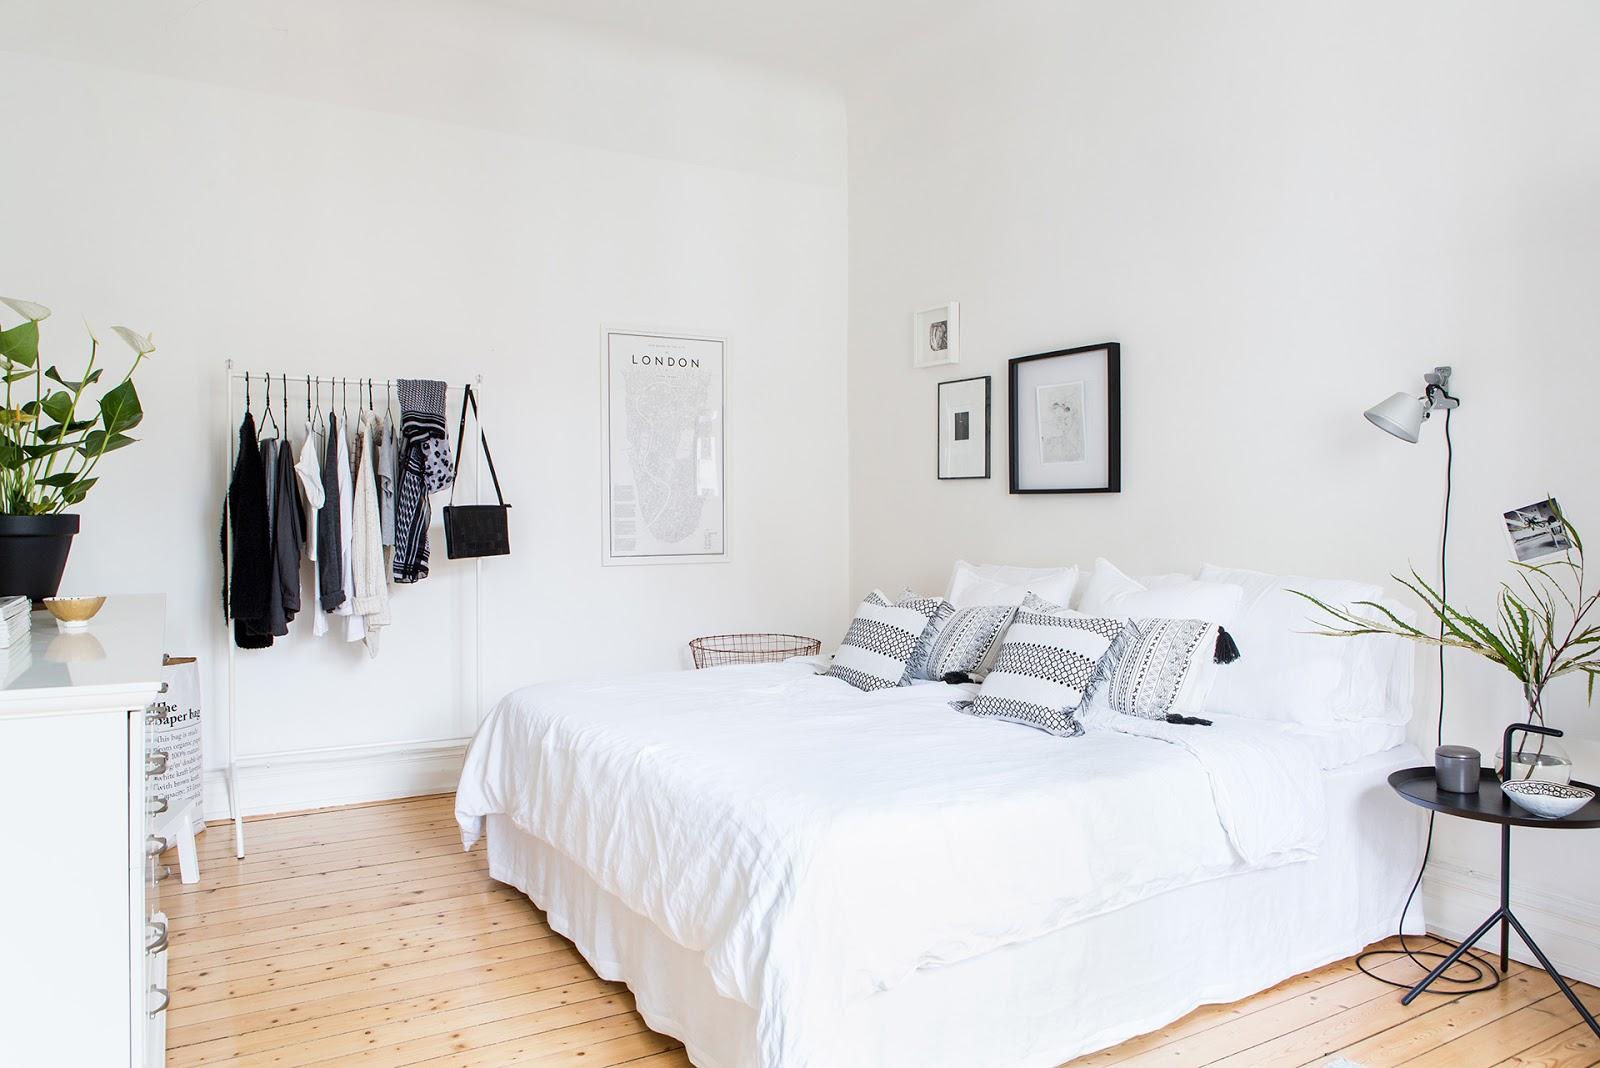 dormitorio, estilo nordico, dormitorio nordico, decoracion nordica, decorar con cuadros, sabanas blancas, carro para la ropa, perchero, ikea, comoda blanca,